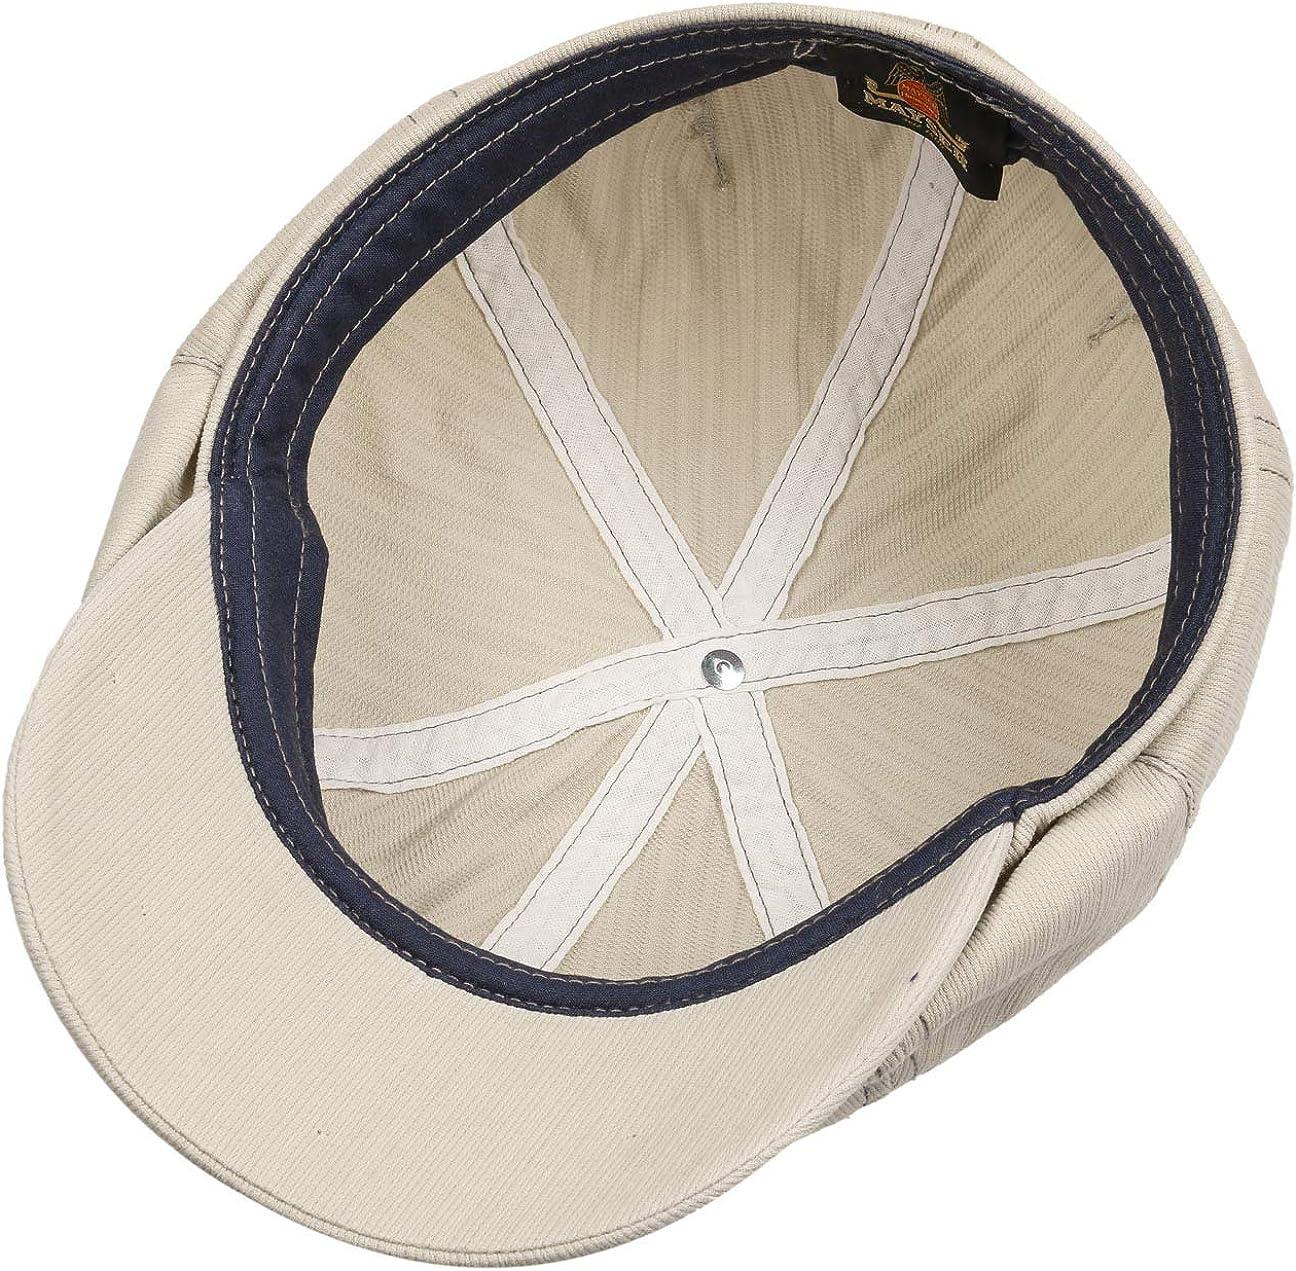 Mayser Talisso Flatcap Schirmm/ütze Sonnencap Baumwollcap Ballonm/ütze Mit Schirm